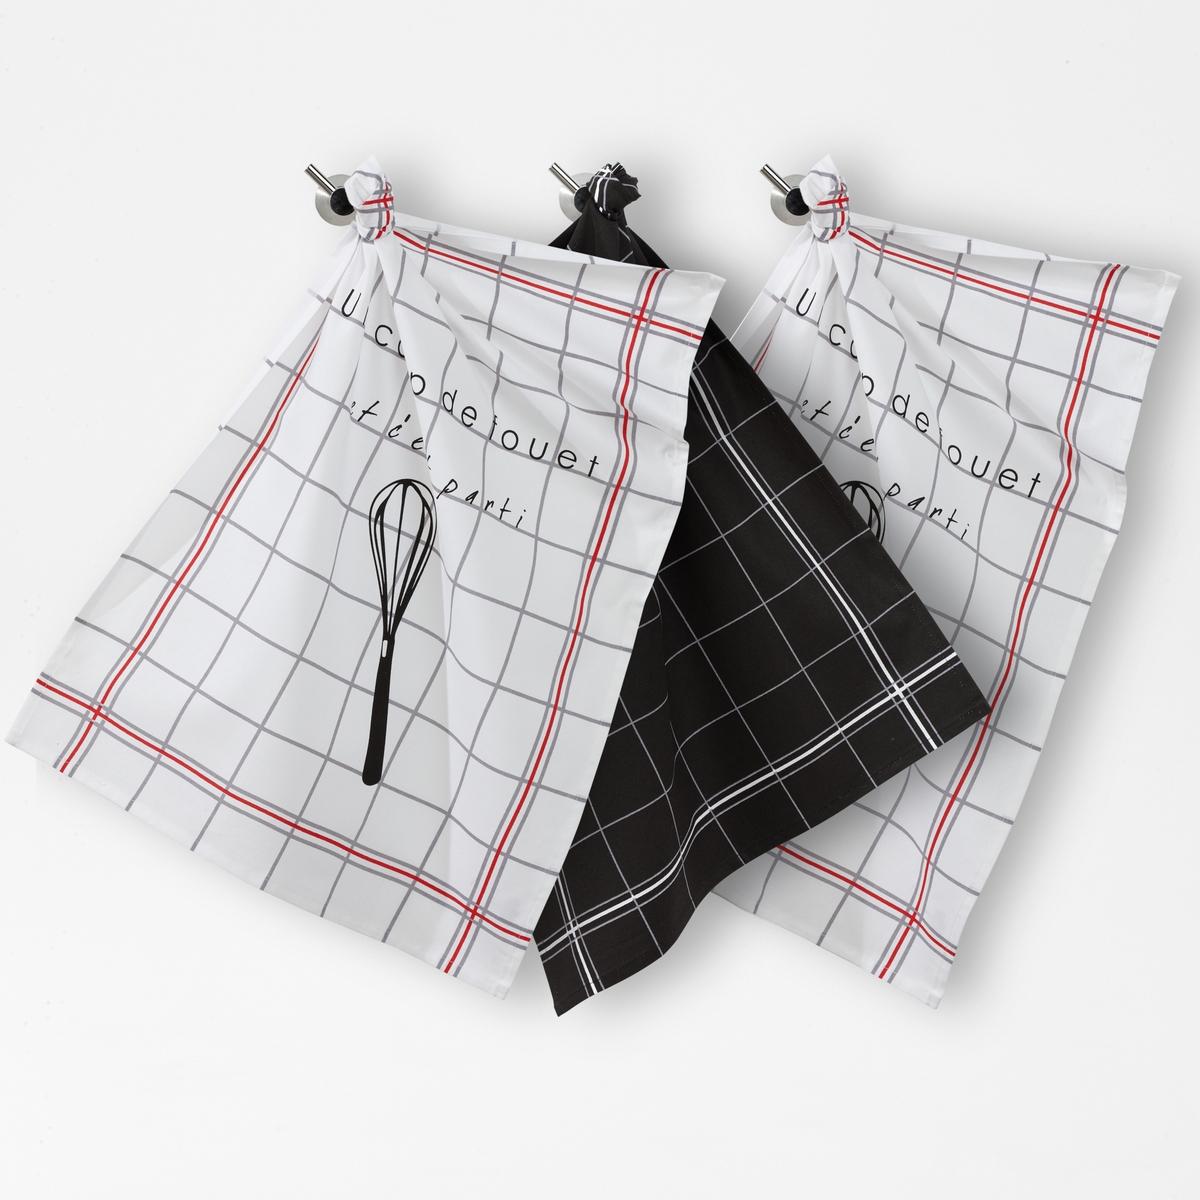 Комплект из 3 кухонных полотенец с рисунком венчики и в клеткуСовременные полотенца модных расцветок с символическим рисунком в графичную клетку: 2 белых полотенца в клетку с рисунком венчик и 1 чёрное в клетку. Характеристики комплекта из 3 кухонных полотенец:100% хлопка.- Кайма по краю..- Машинная стирка при 60°C.- Размер : 50 x 70 см.<br><br>Цвет: белый/ черный<br>Размер: 50 x 70  см